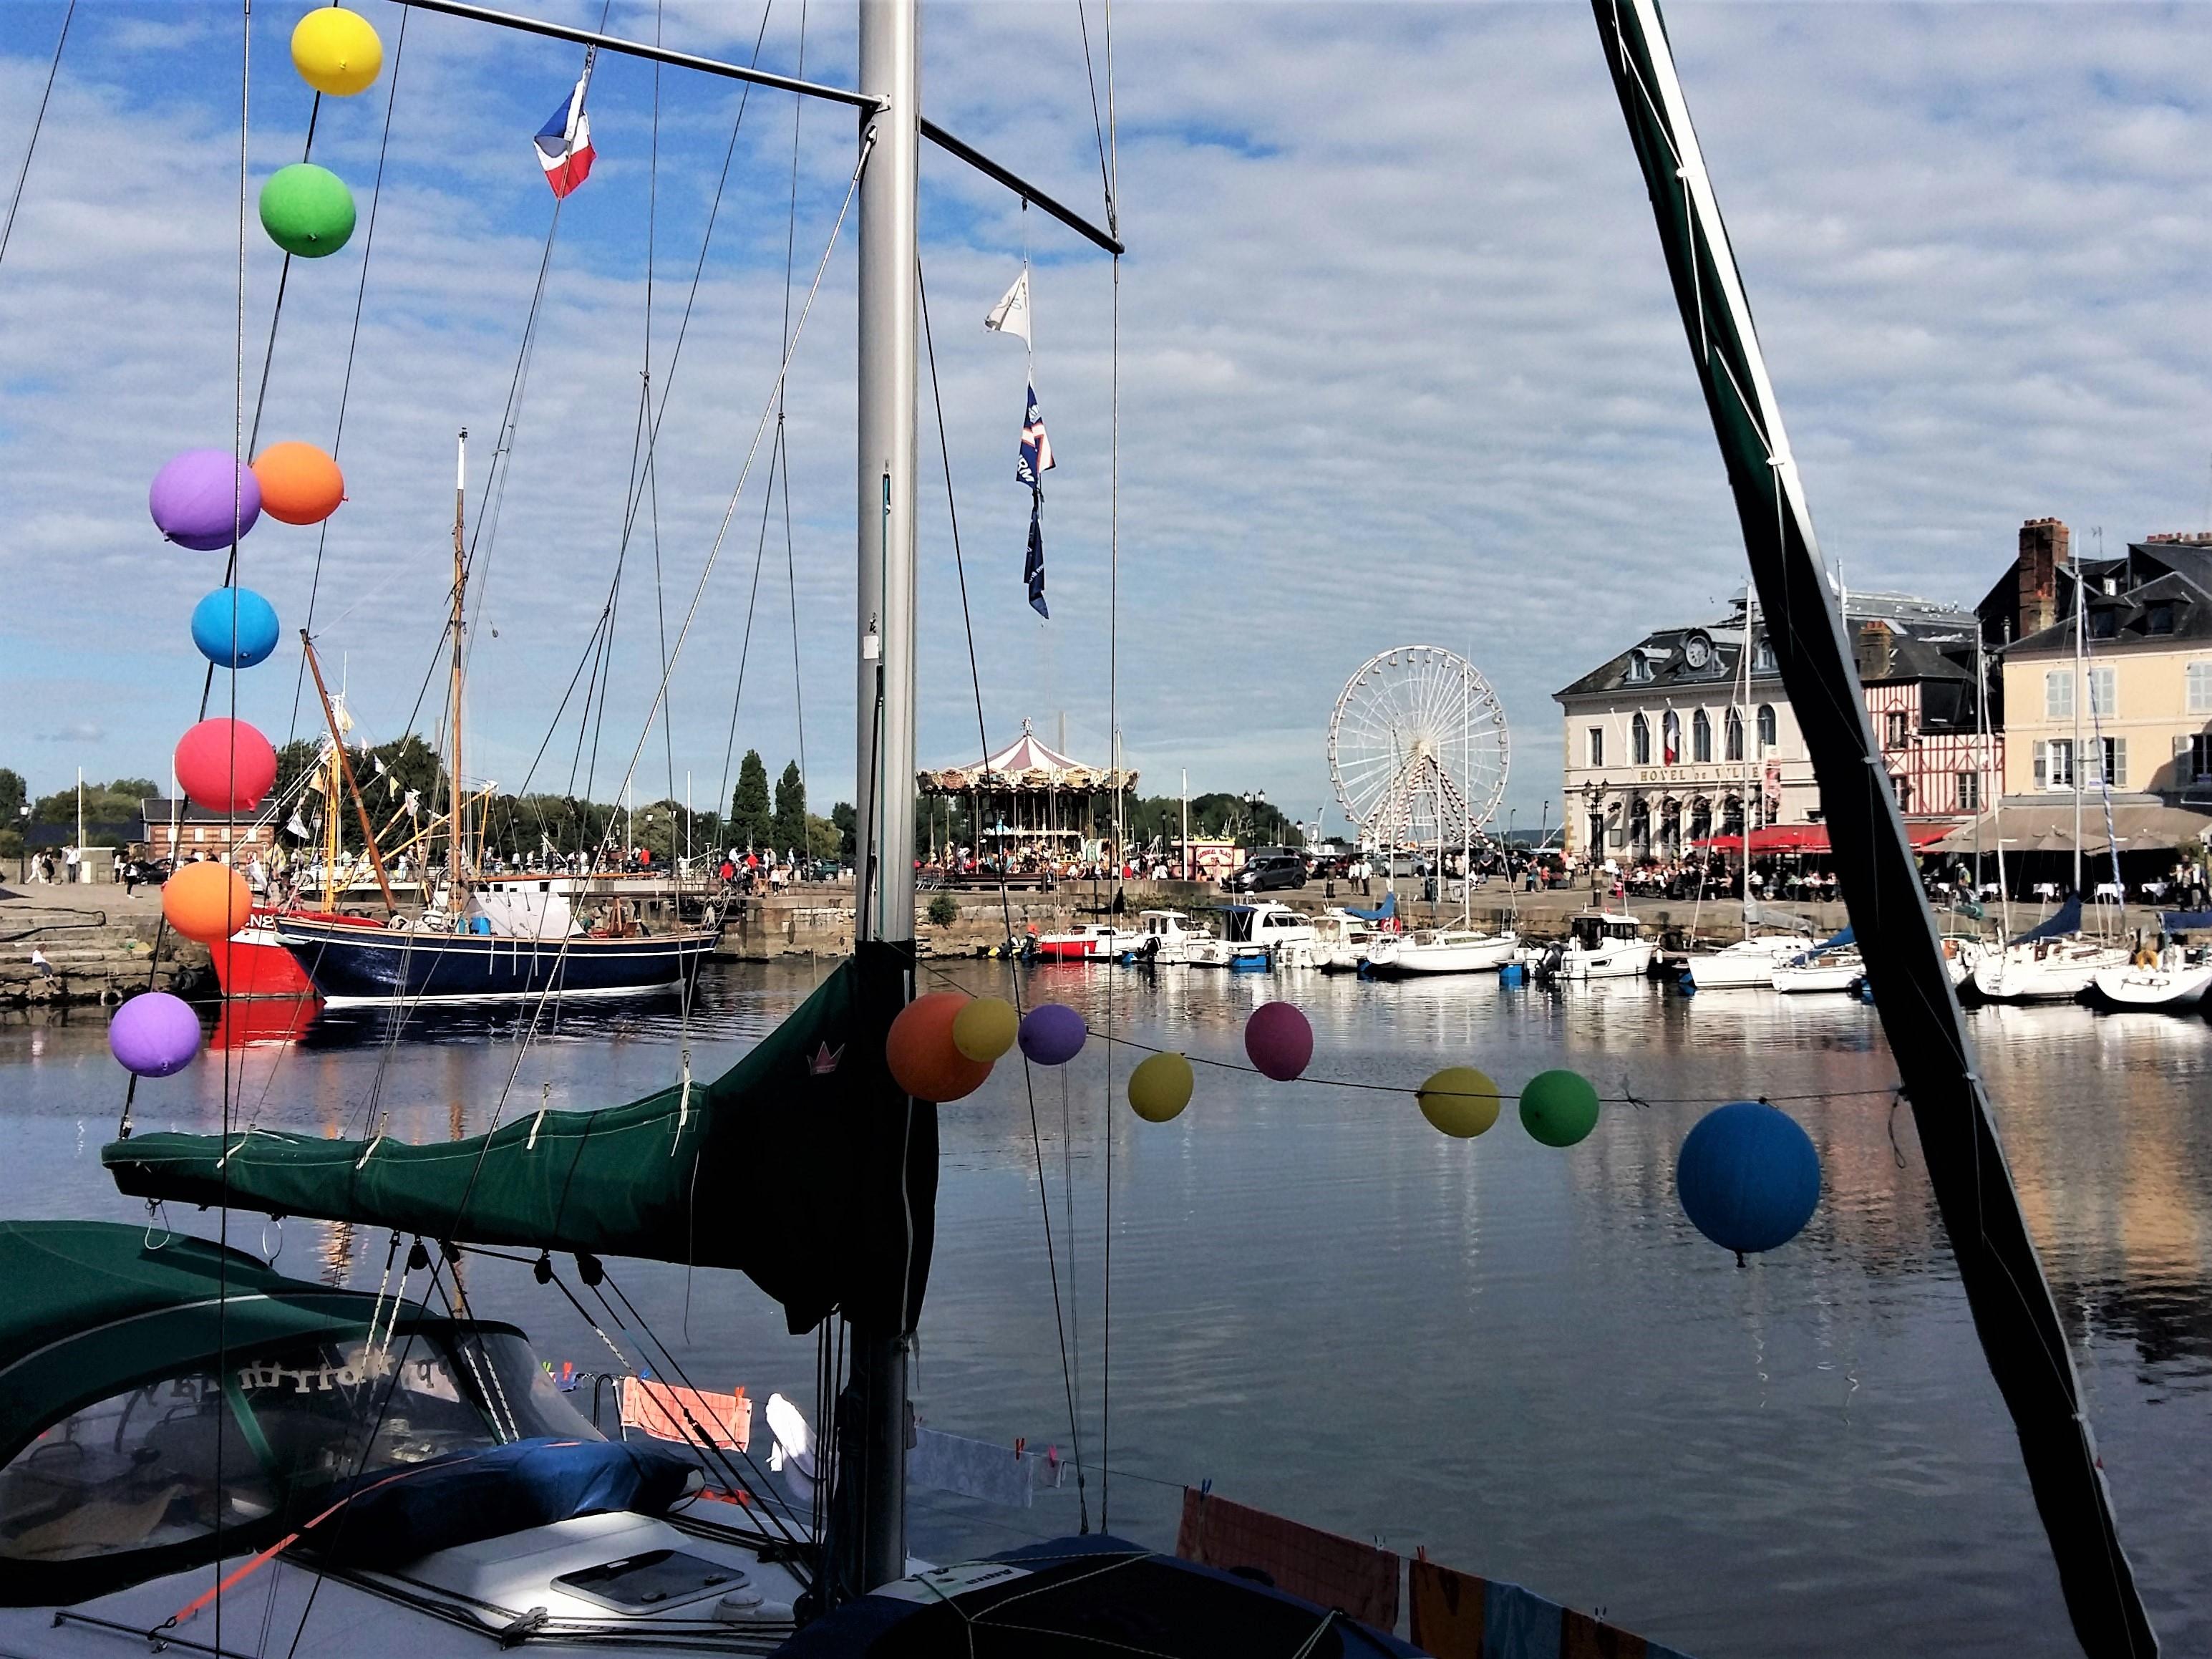 Mein Schiff Ausflugsziel: Der traumhafte Hafen in in Honfleur